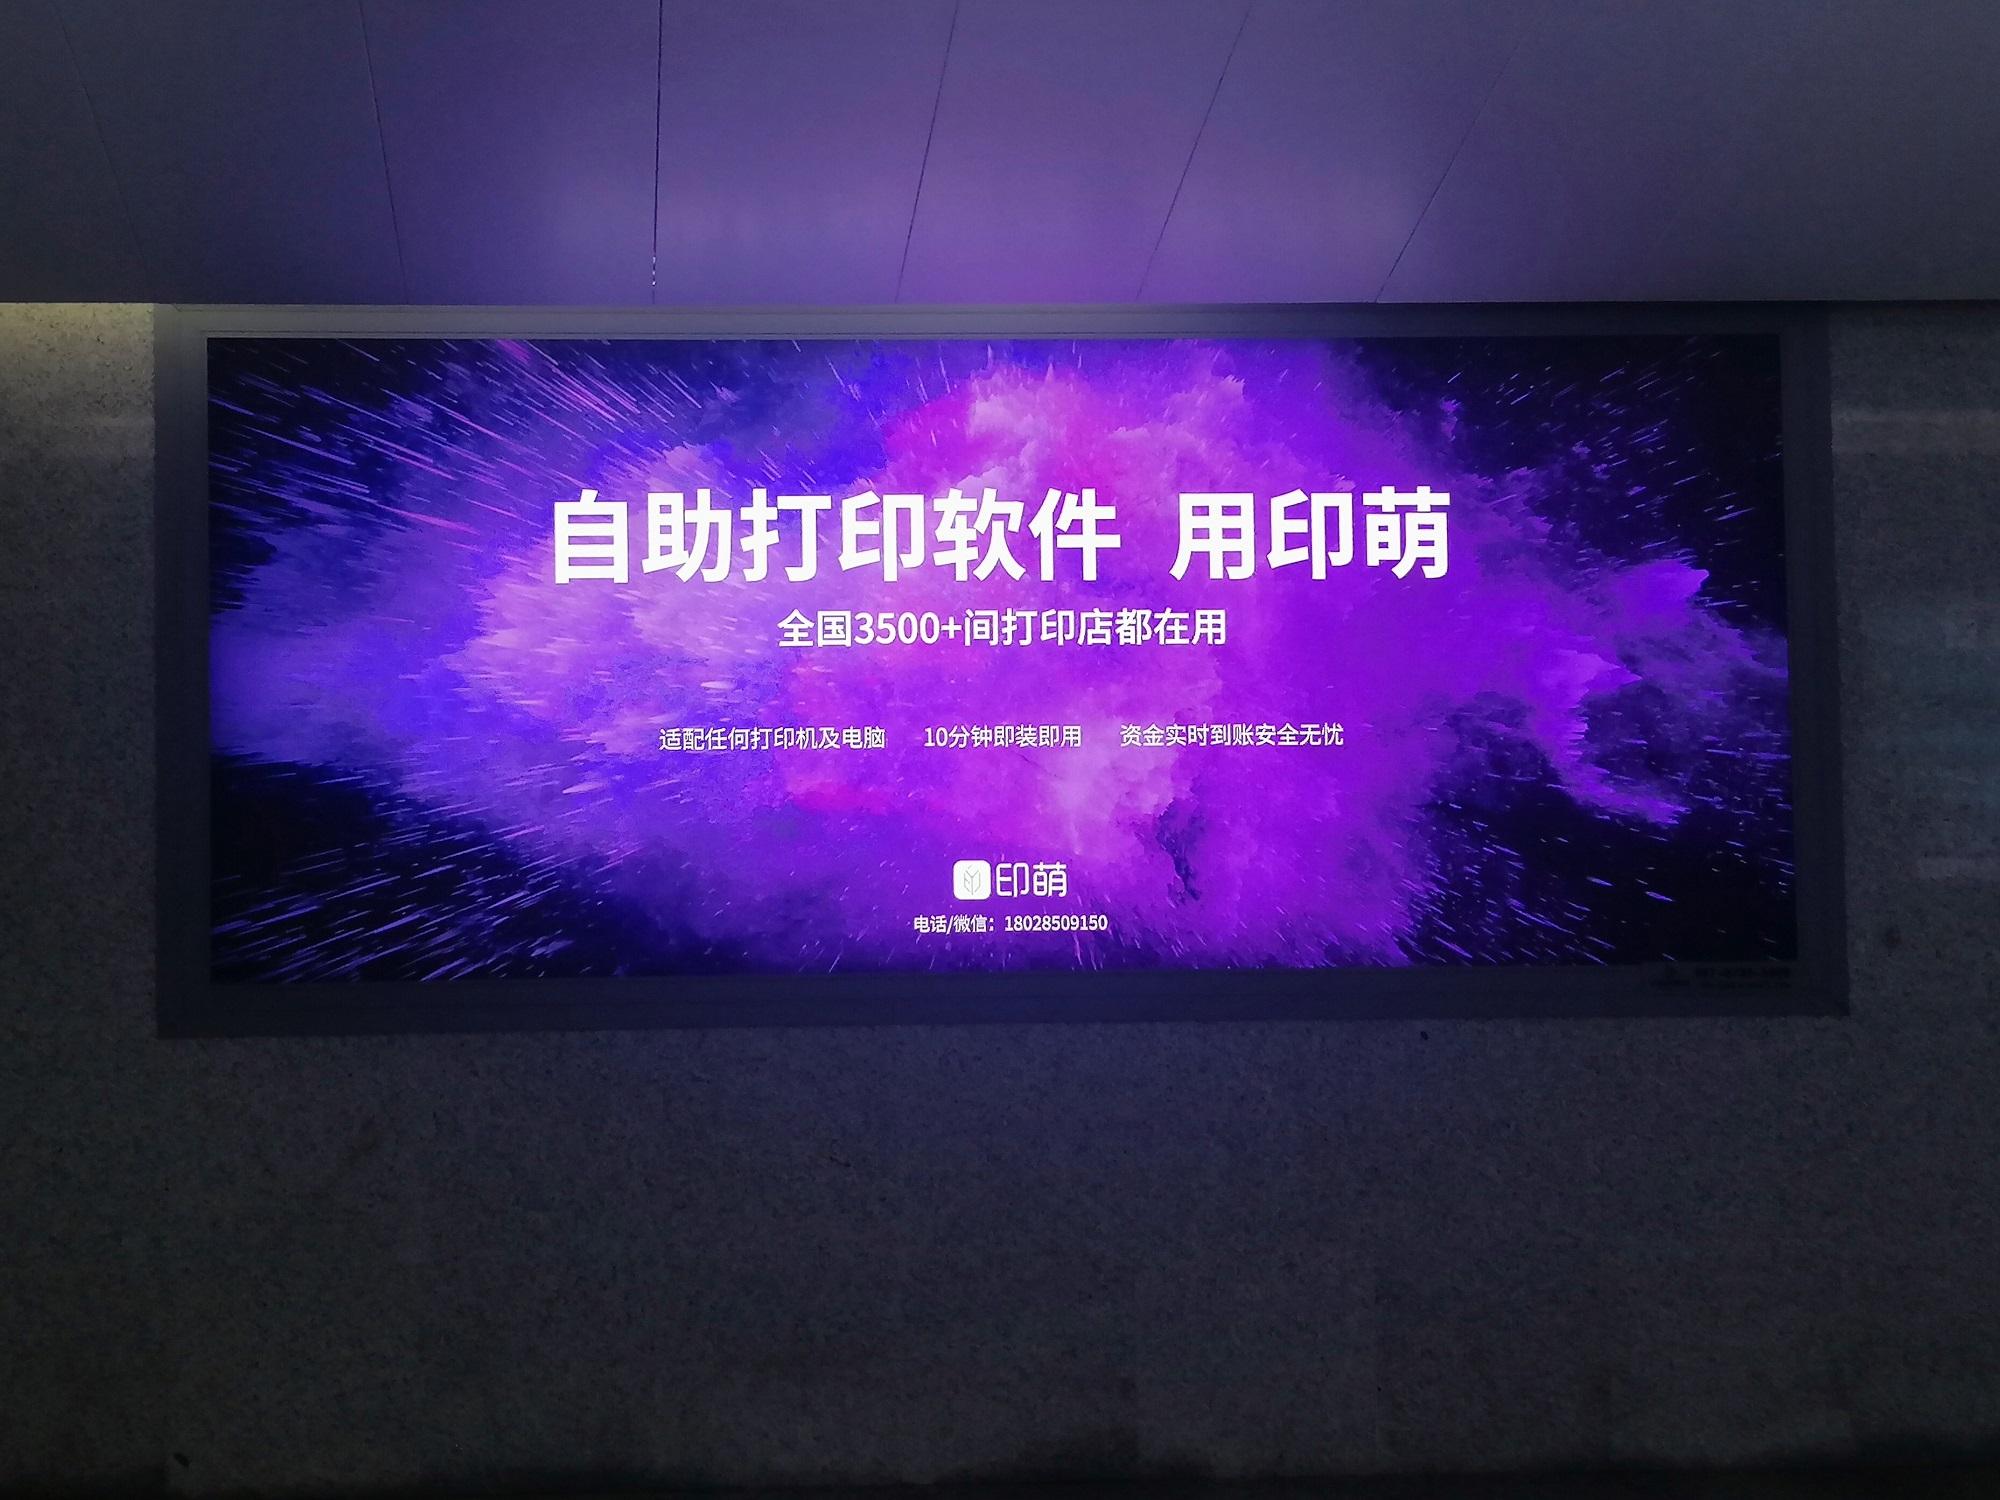 印萌新化高铁南站黄金广告位实力霸屏上线,品牌传播火力全开